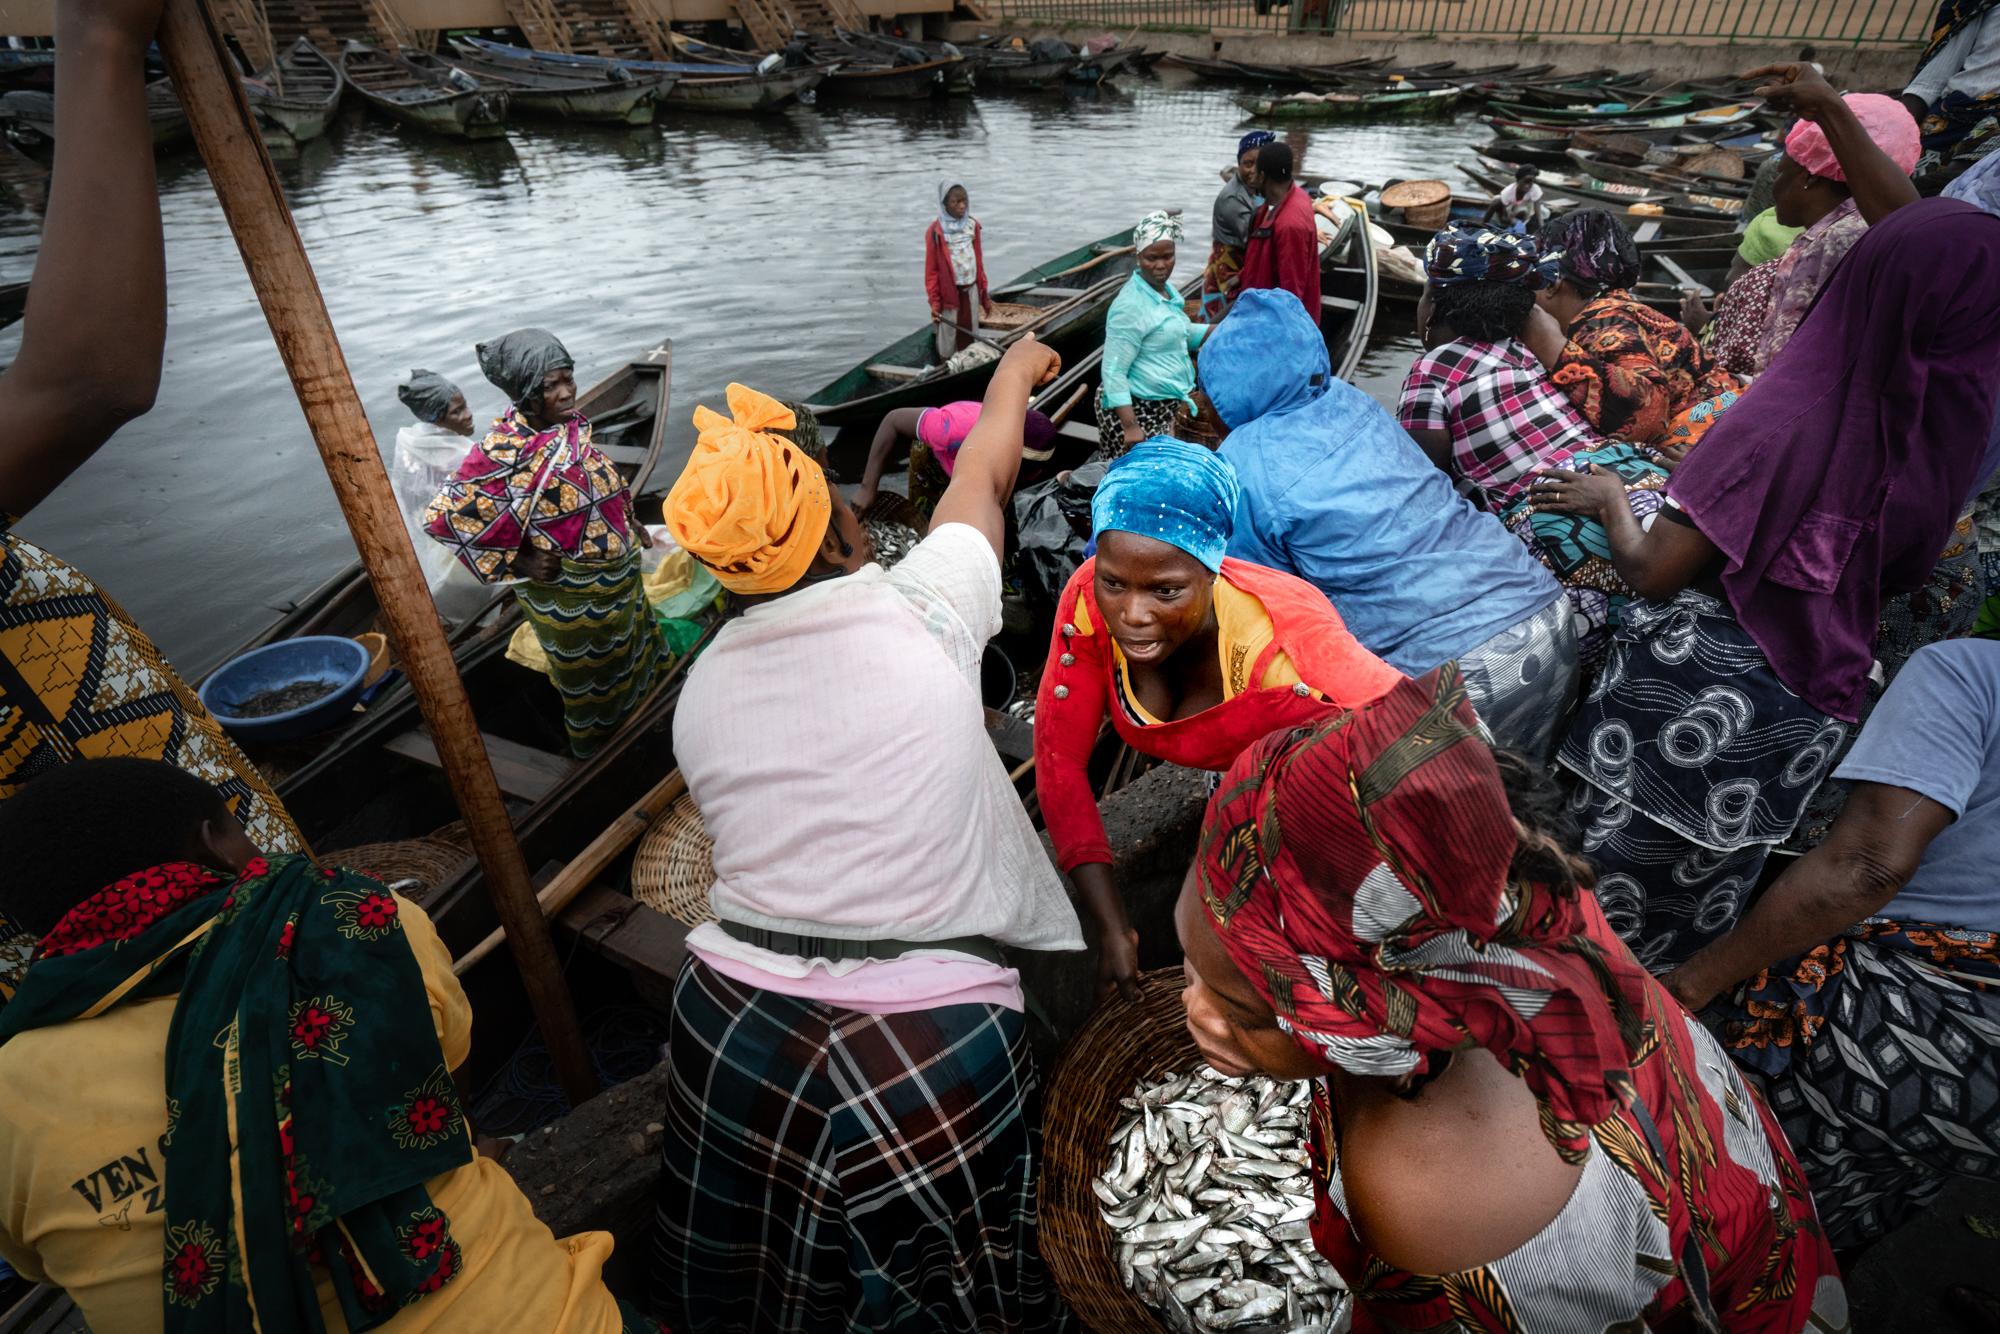 Benin_2000_ret  sin título2018-09154 7952 x 5304.jpg